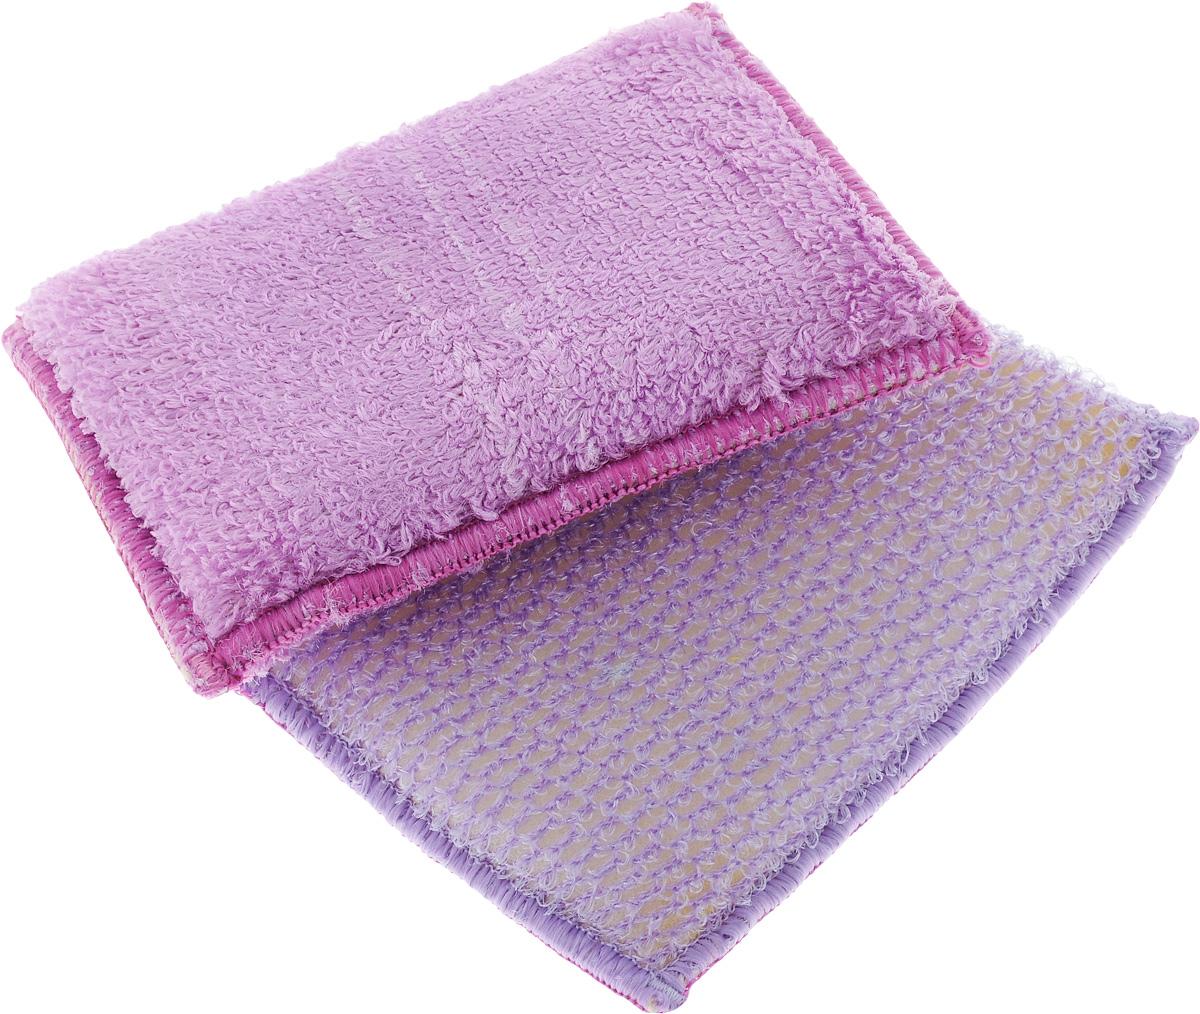 Набор губок для мытья посуды Золушка, цвет: сиреневый, 10 х 14 х 2 см, 2 шт391602Губками из бамбукового волокна можно не только мыть посуду, но и использоватьих для уборки. Одна губка с одной стороны имеет жесткую структуру для чисткисильнозагрязненных поверхностей, с другой - более мягкую. Вторая губкаполностью мягкая. Для мытья посуды можно использовать только чистую воду, без добавлениямоющих средств.В упаковке 2 губки.